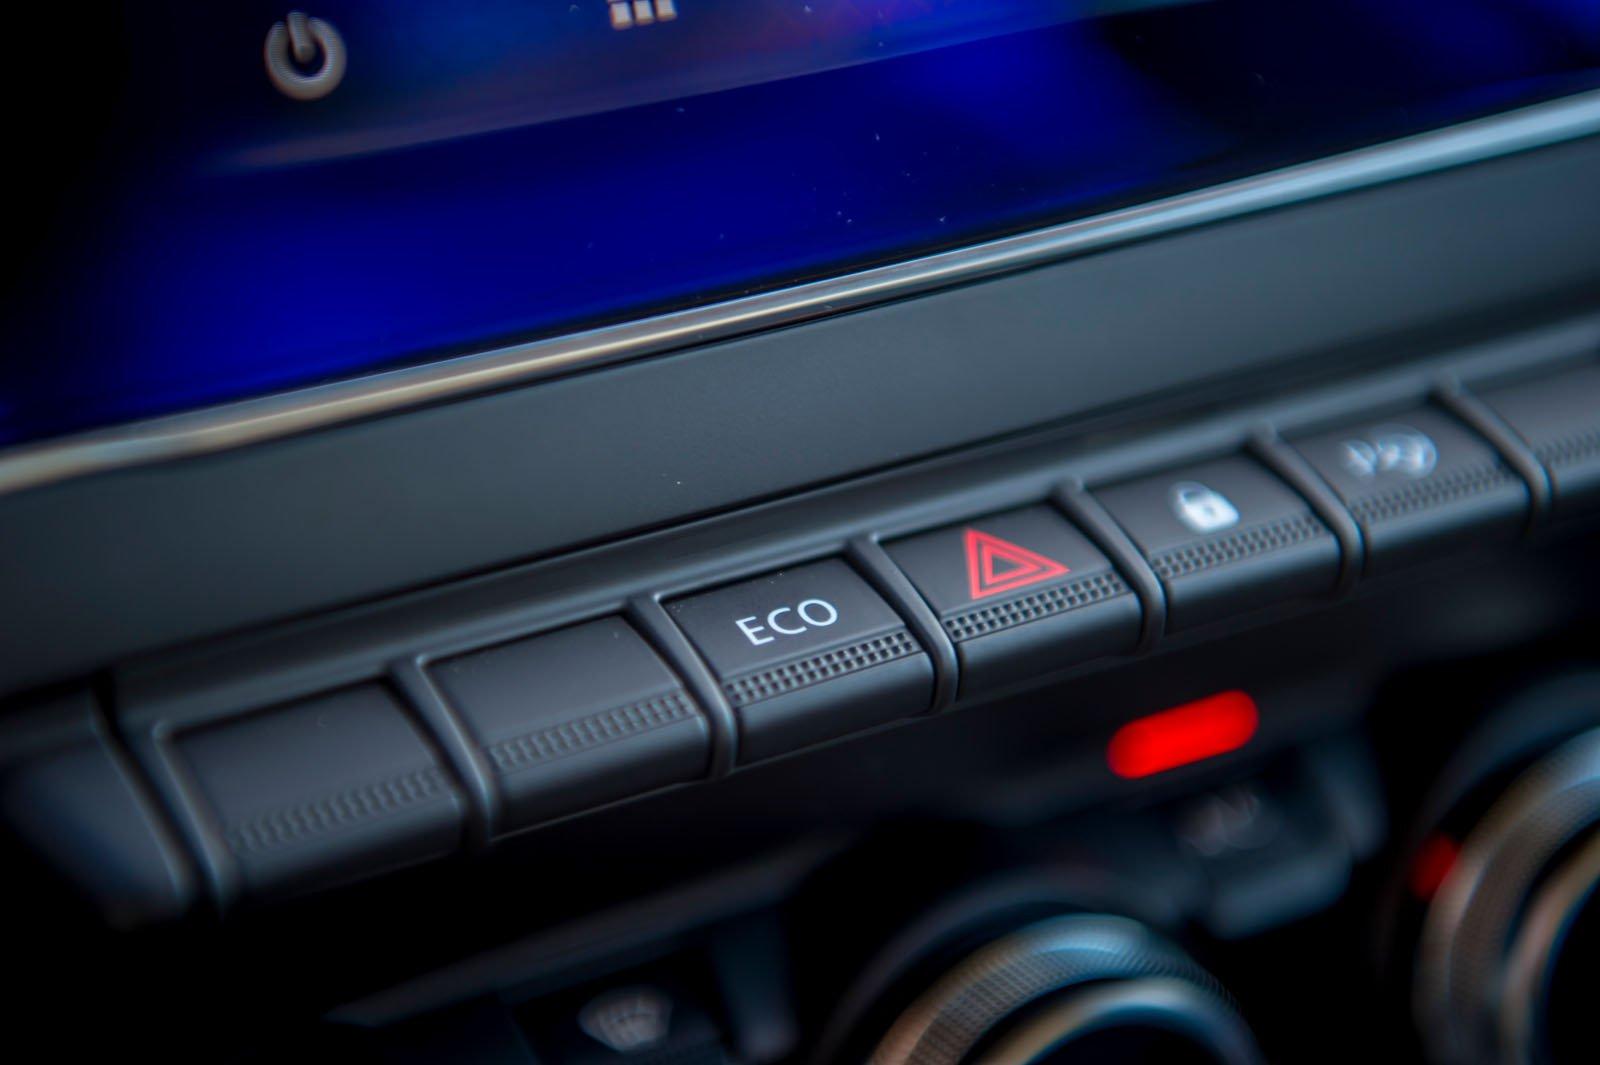 Renault Zoe 2019 LHD infotainment buttons